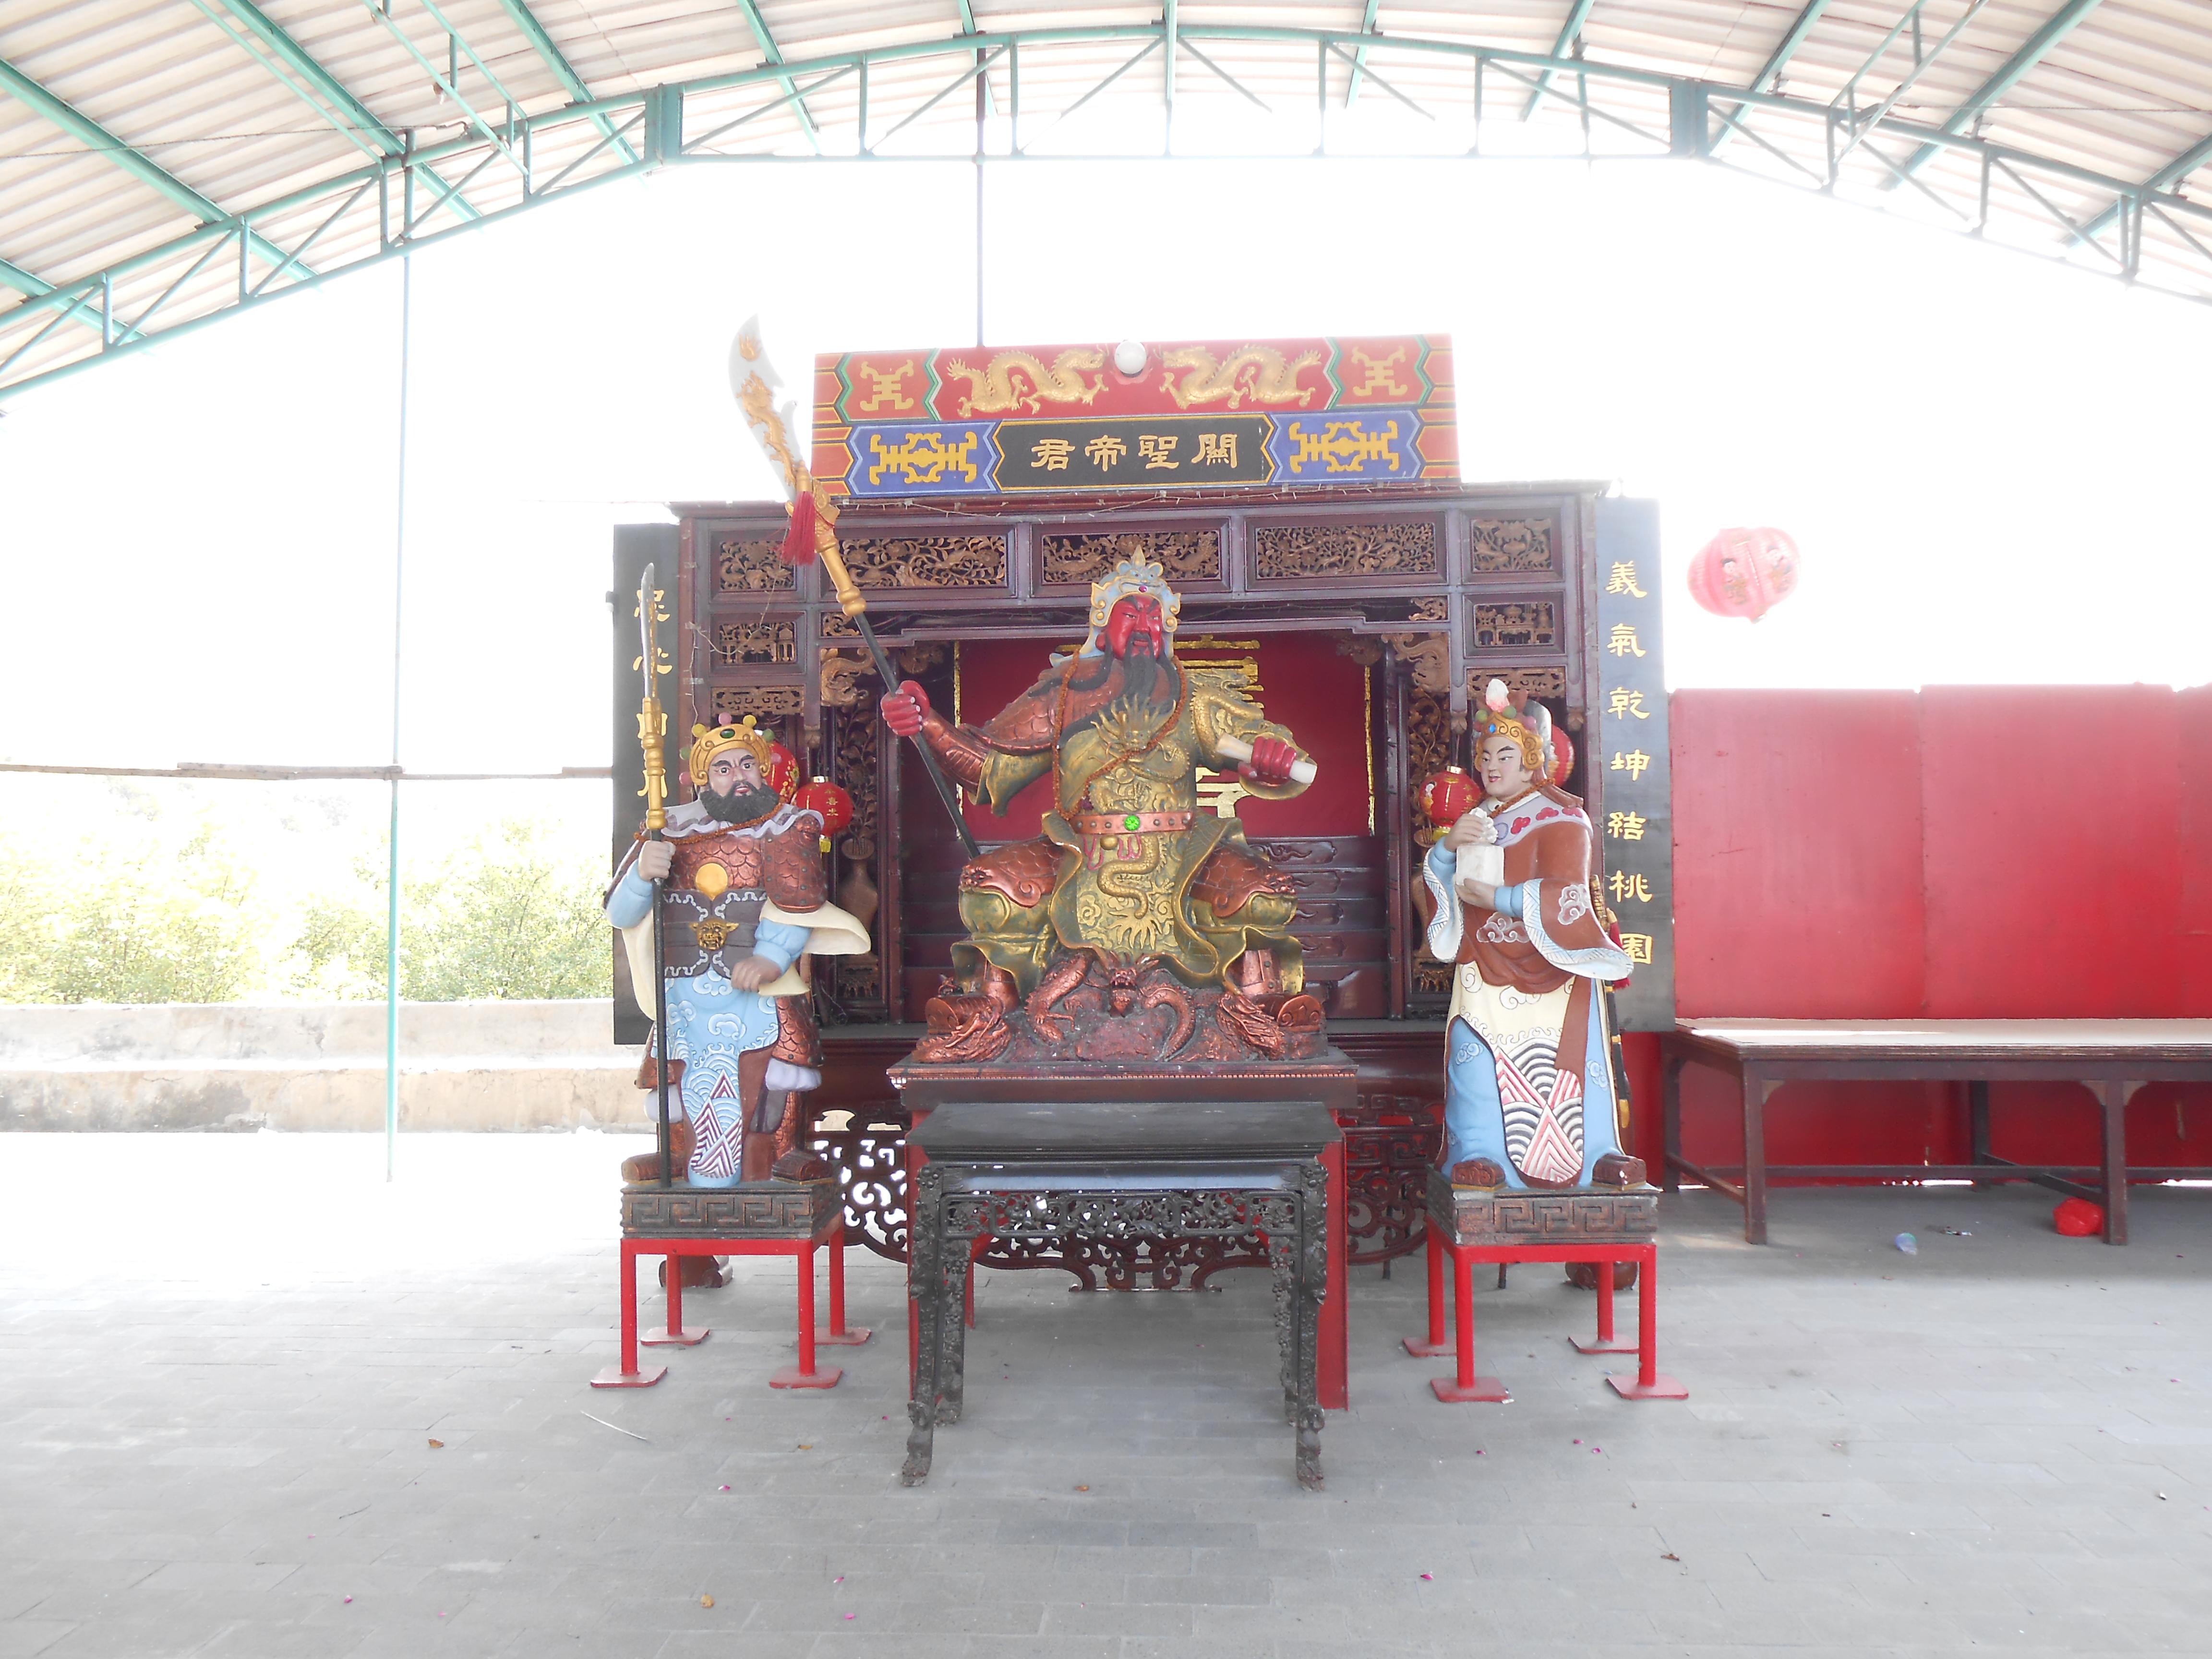 Klenteng Sanggar Agung Pagoda Tian Ti Terabaikan Eveline Patung Guang